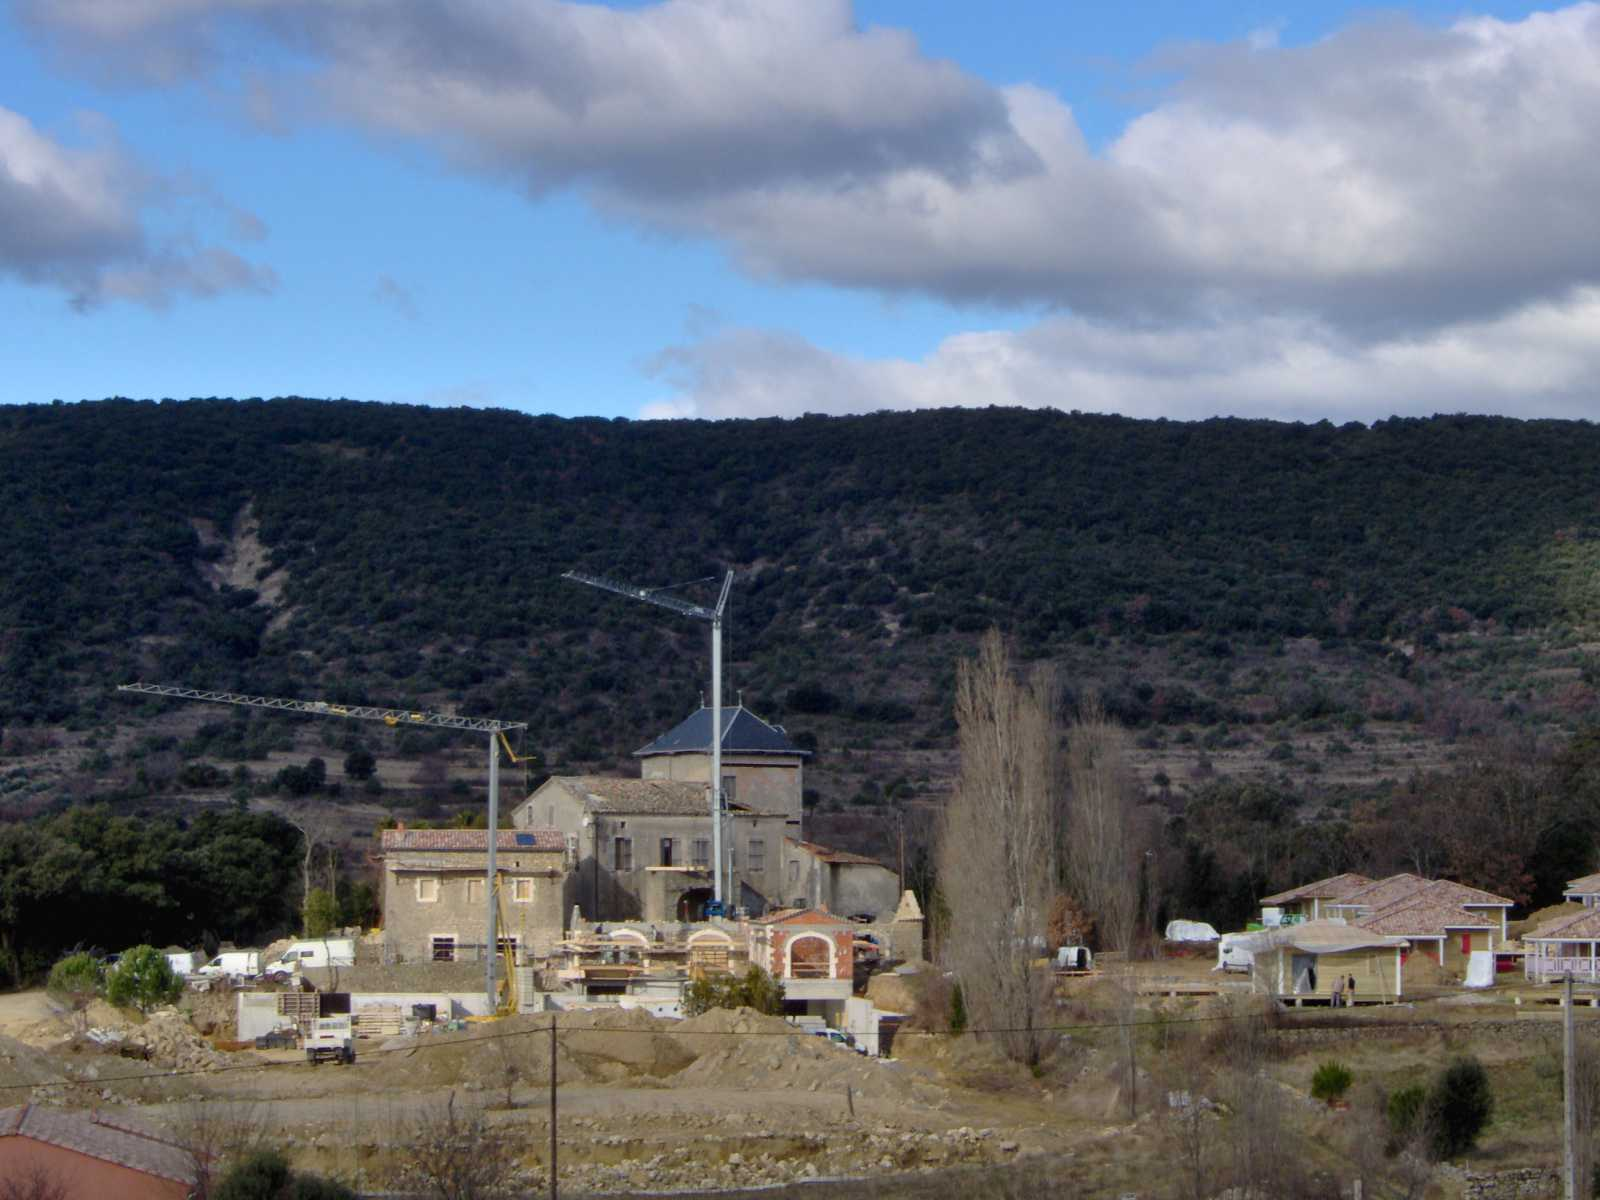 domaine de sevenier spa historique photo3 - Présentation